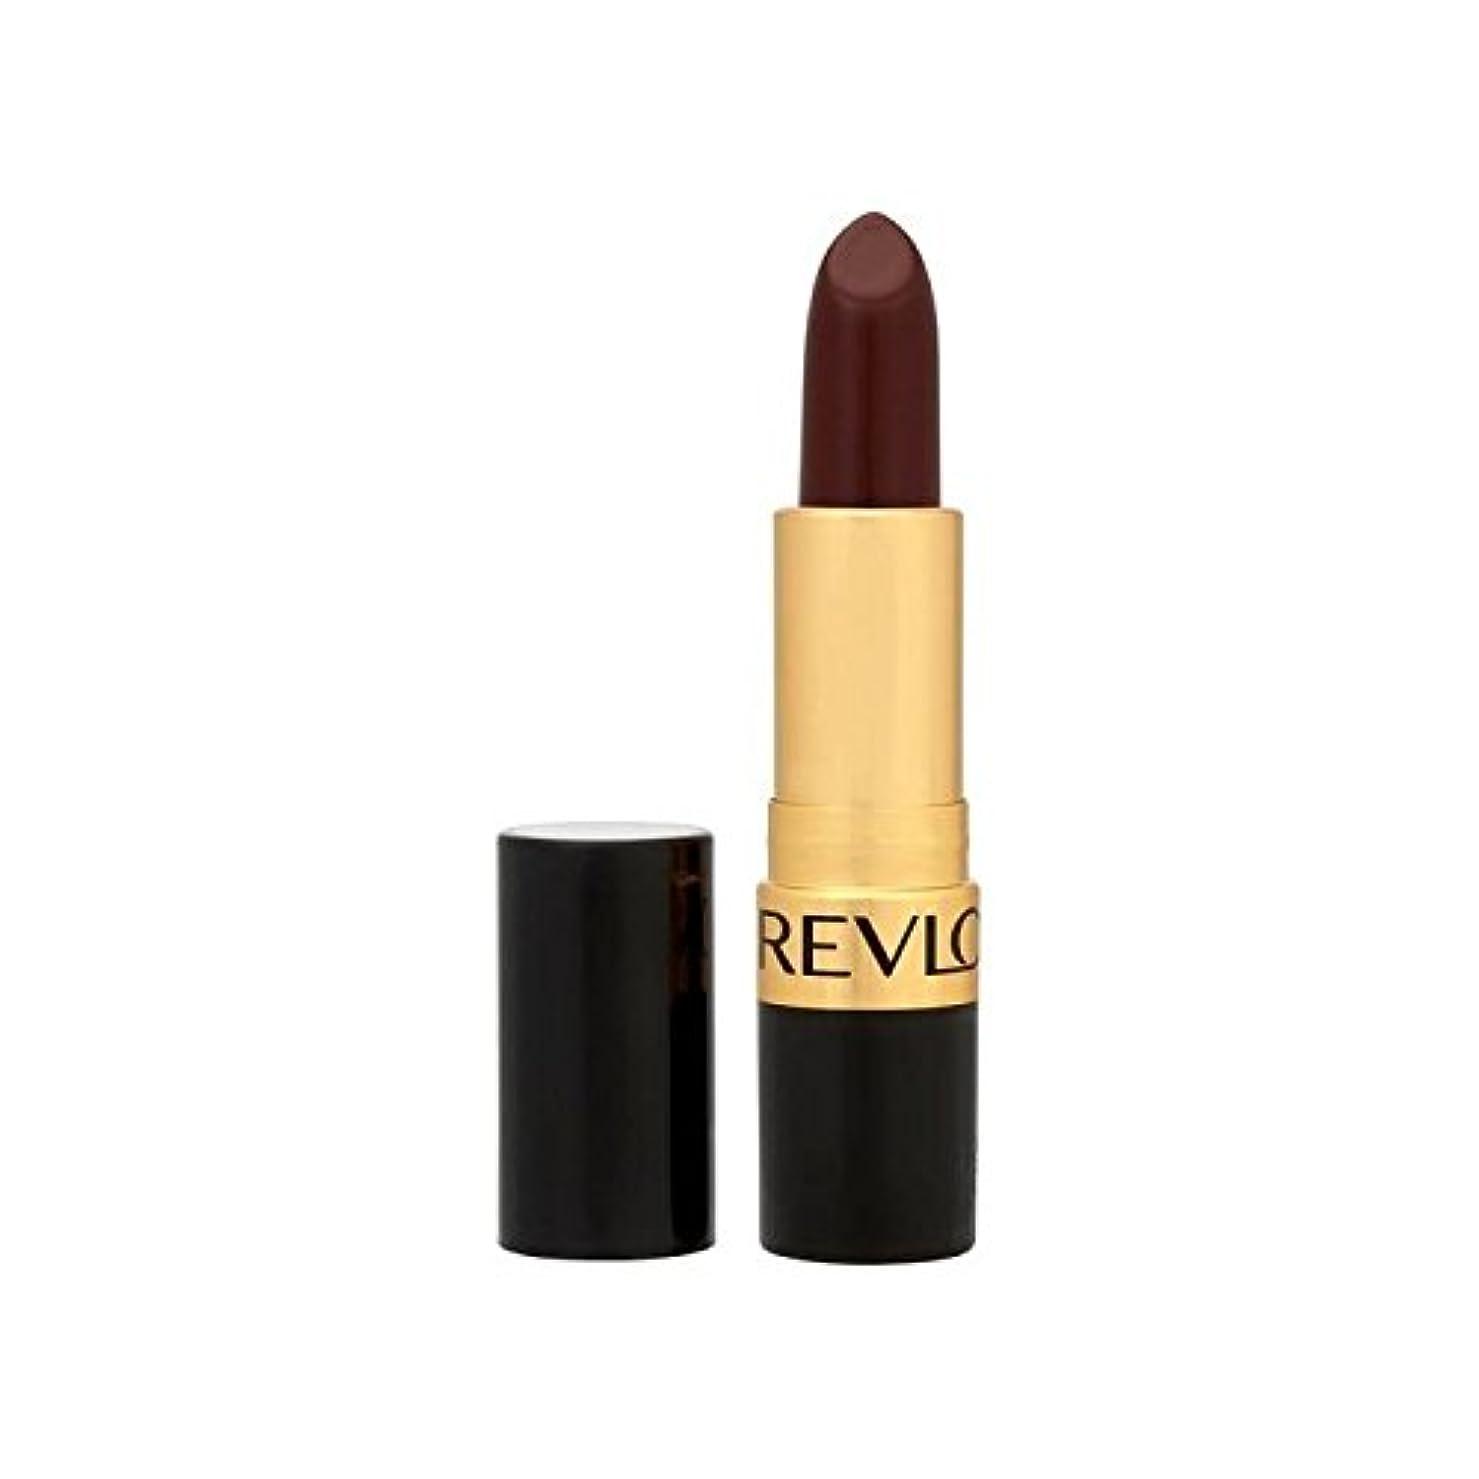 高めるロッドマーチャンダイザーレブロンスーパー光沢のある口紅ブラックチェリー477 x2 - Revlon Super Lustrous Lipstick Black Cherry 477 (Pack of 2) [並行輸入品]